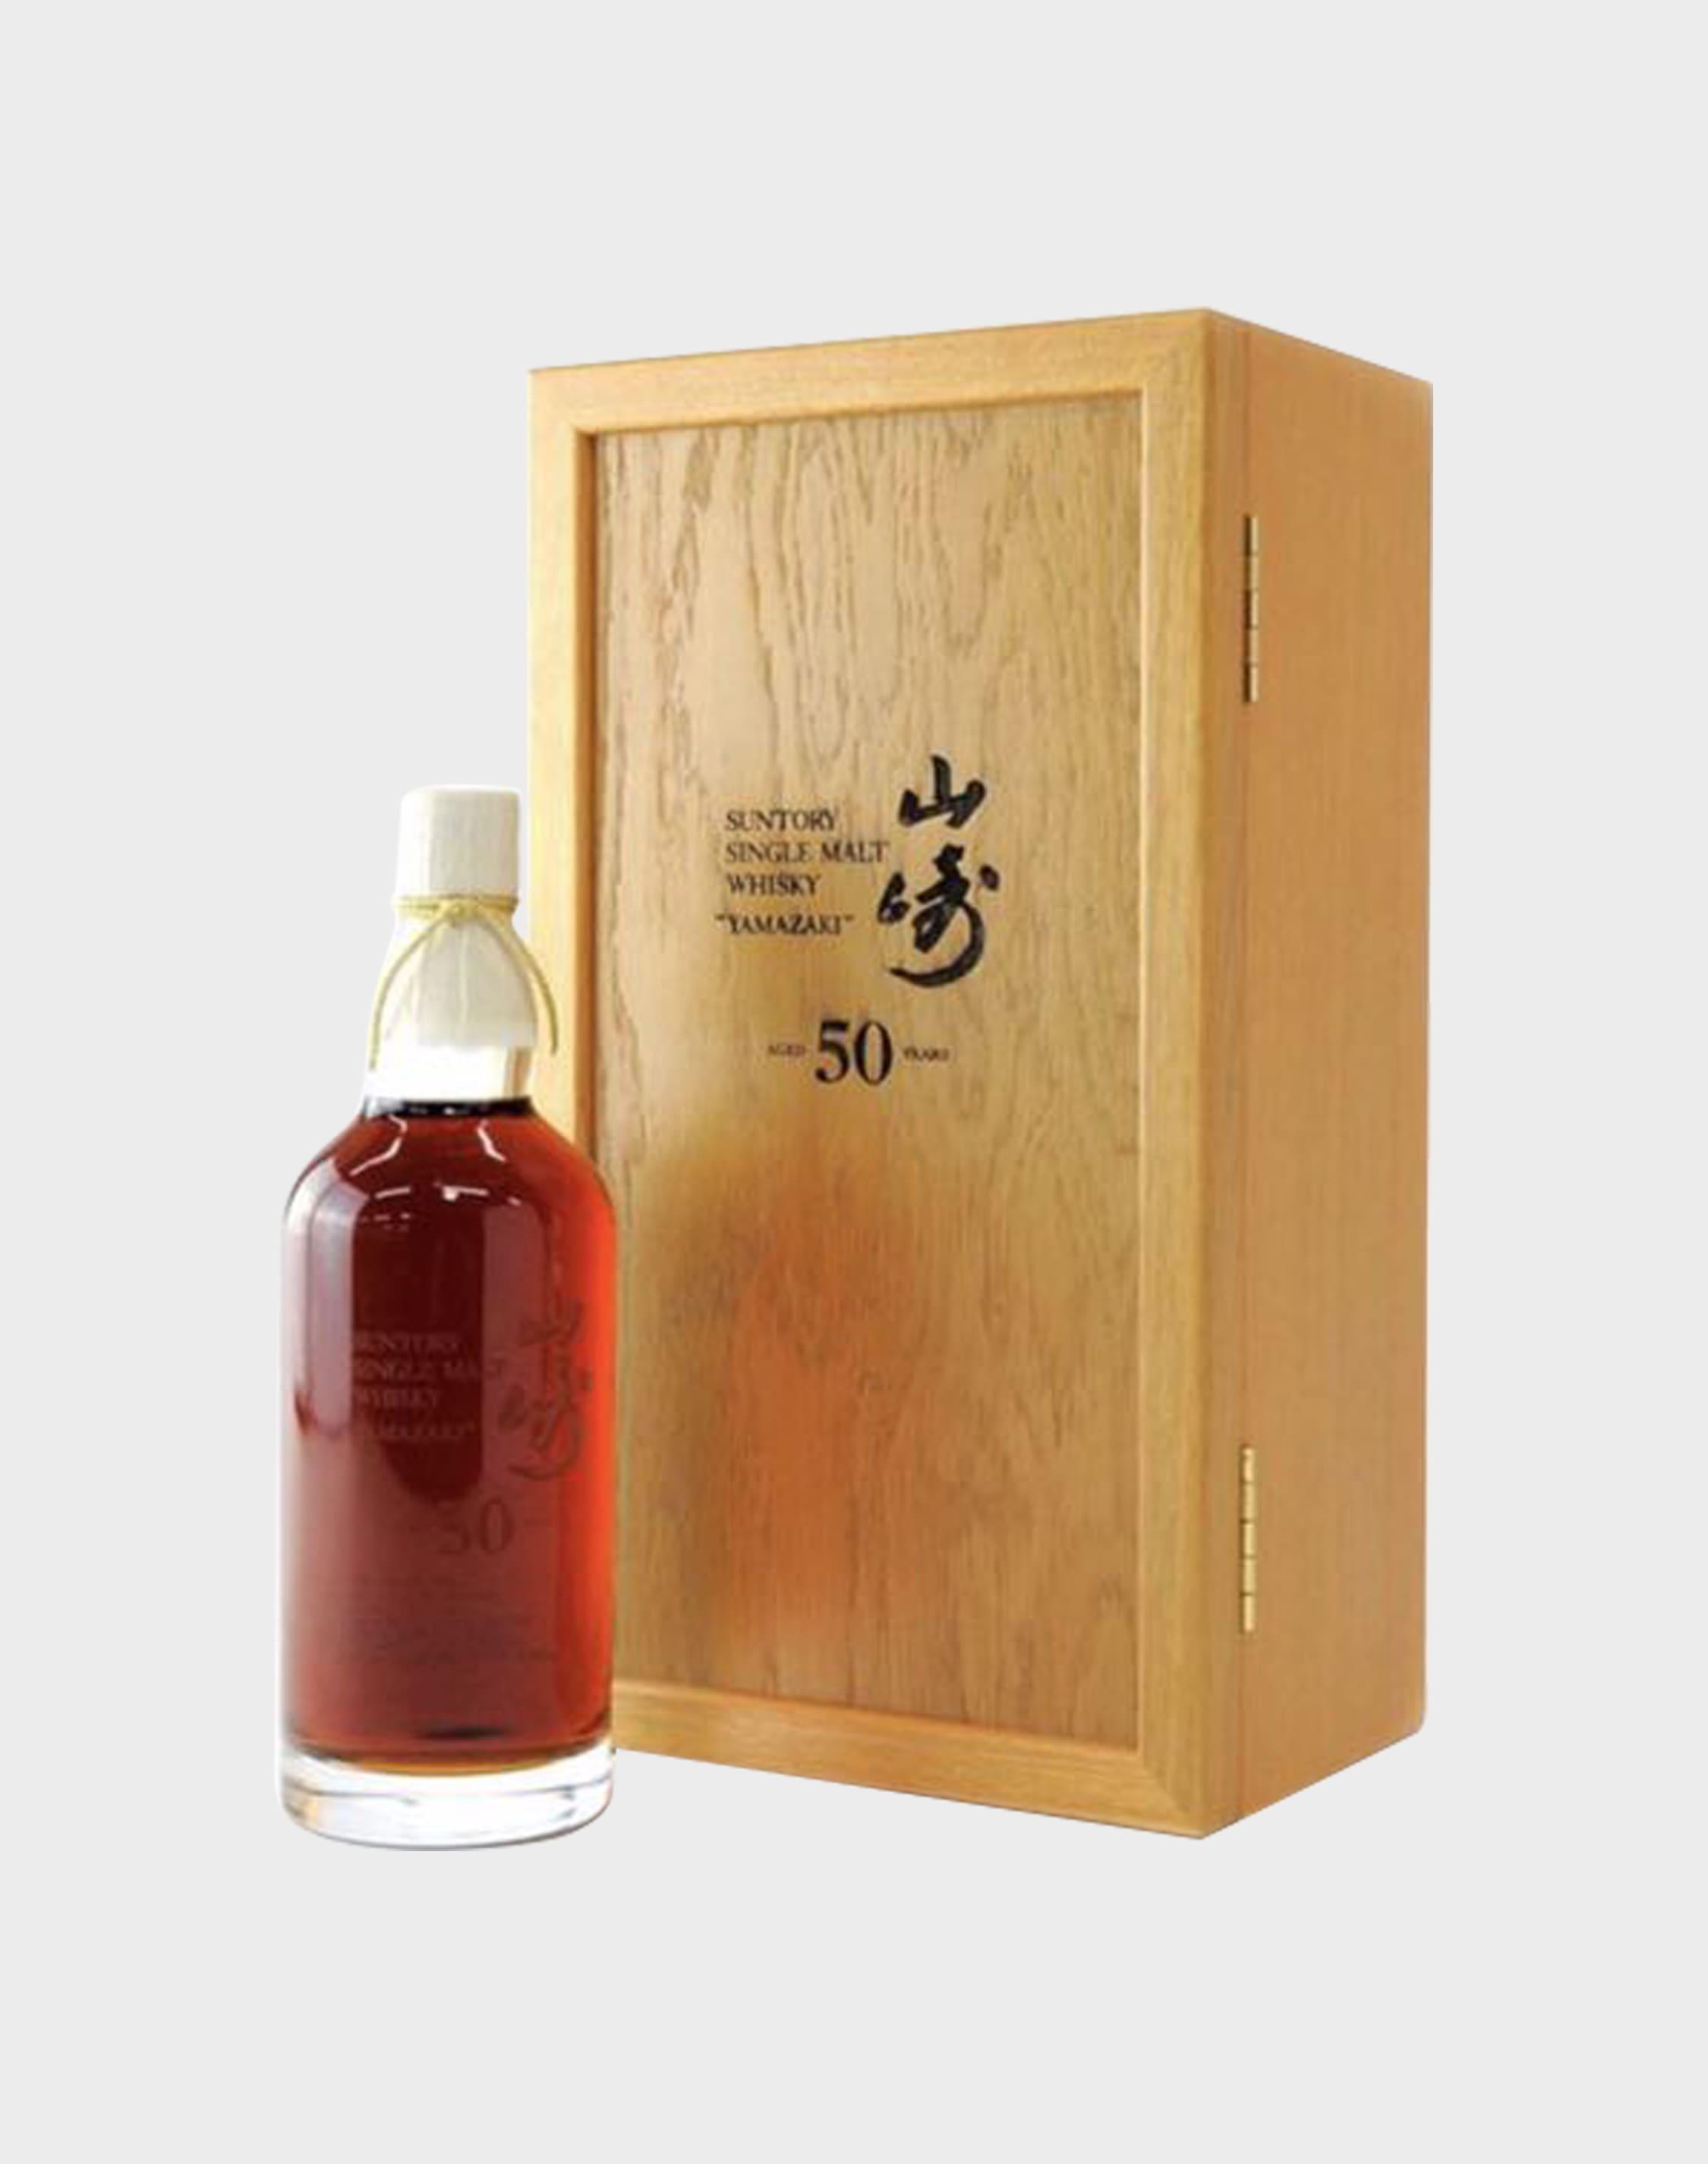 50 Year Old Whiskey >> Suntory Yamazaki 50 Year Old 2005 Release Japanese